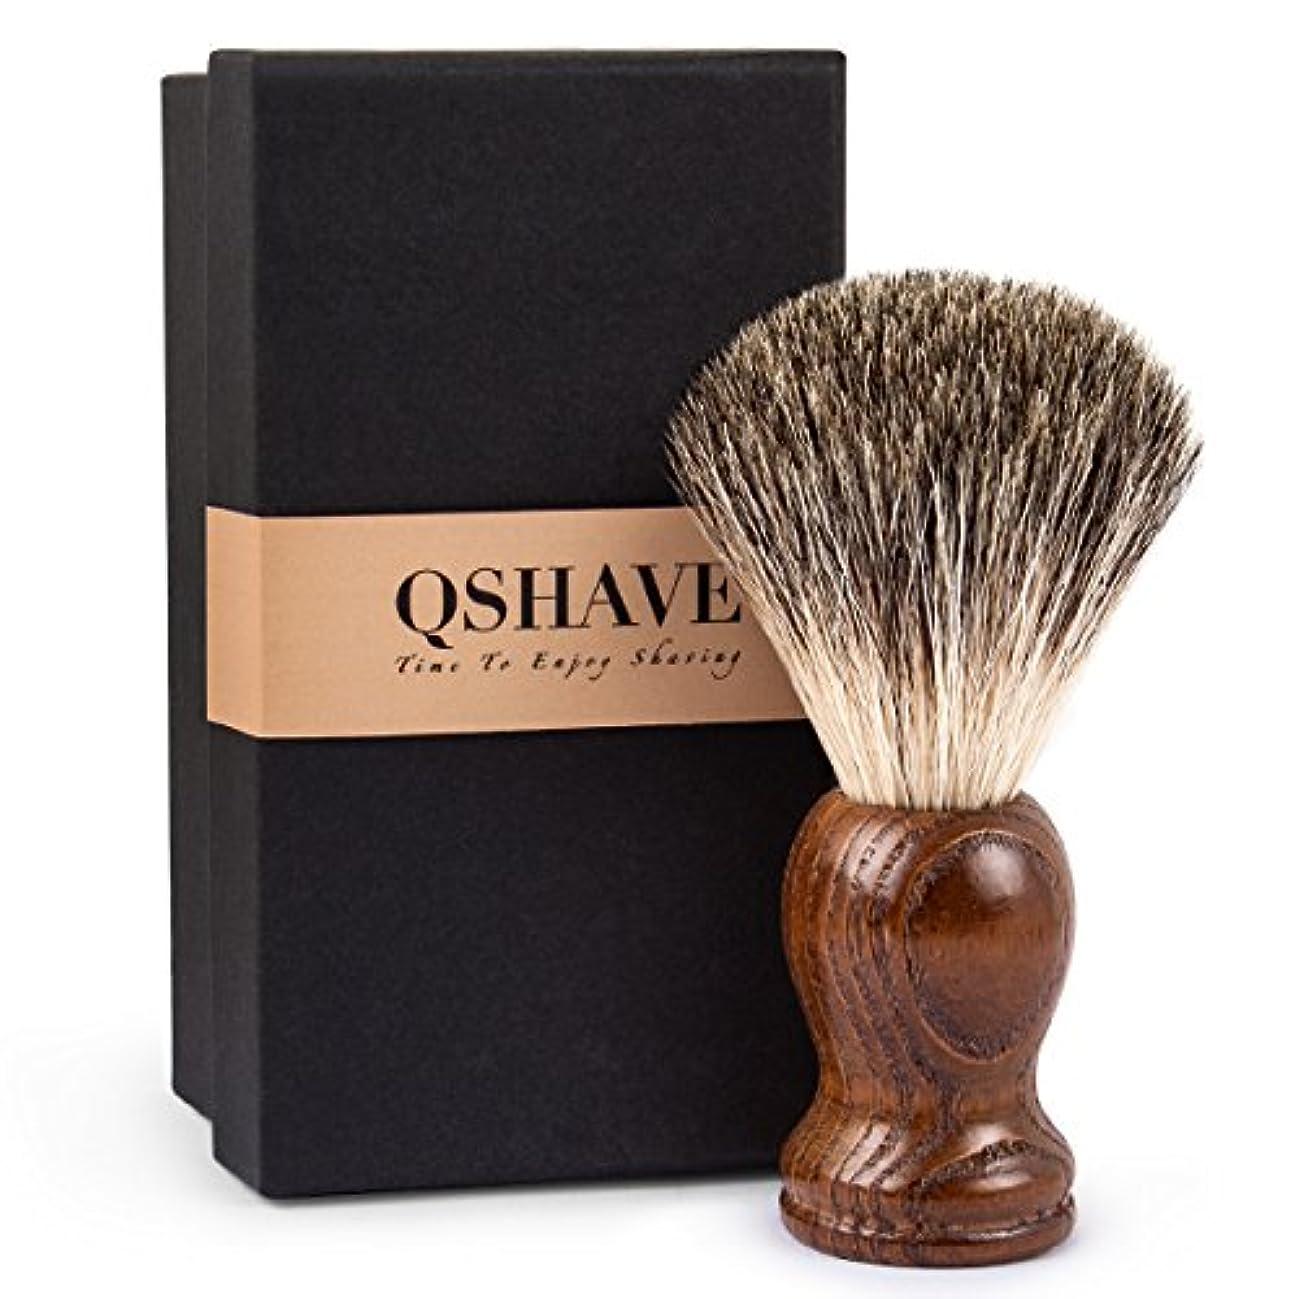 特許サイズ幻滅QSHAVE 100%アナグマ毛 木製ハンドル オリジナルハンドメイドシェービングブラシ。ウェットシェービング、安全カミソリ、両刃カミソリに最適